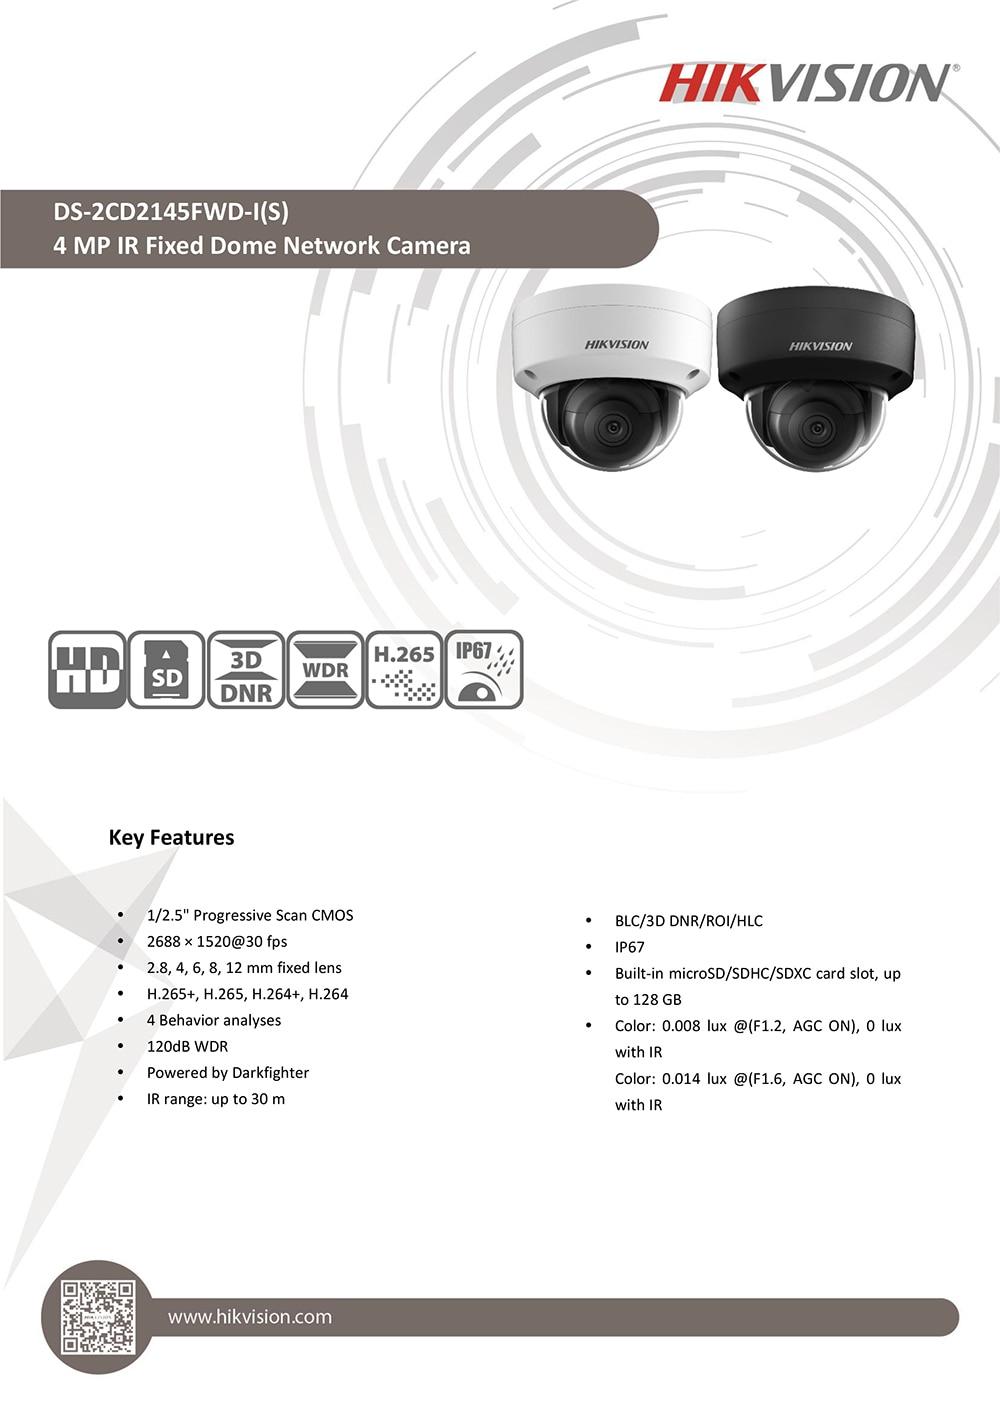 DS-2CD2145FWD-I(S)_Datasheet_V5.5.80_20181207-1